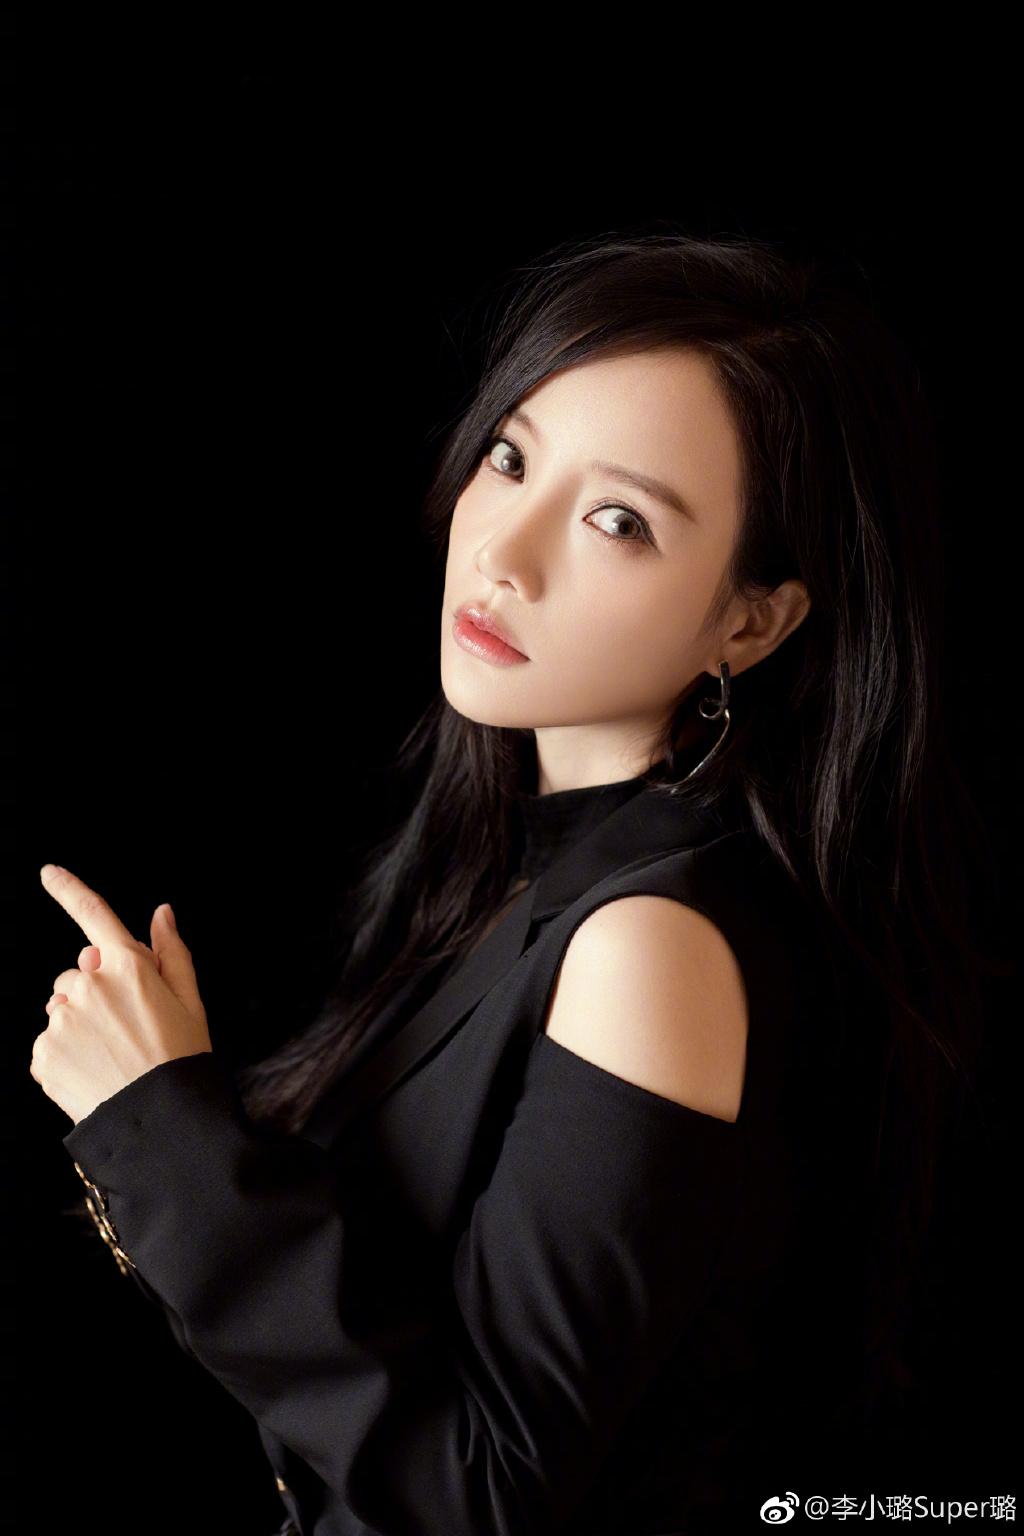 Lý Tiểu Lộ, Dương Mịch dẫn đầu danh sách nữ diễn viên bị ghét nhất Cbiz - Ảnh 2